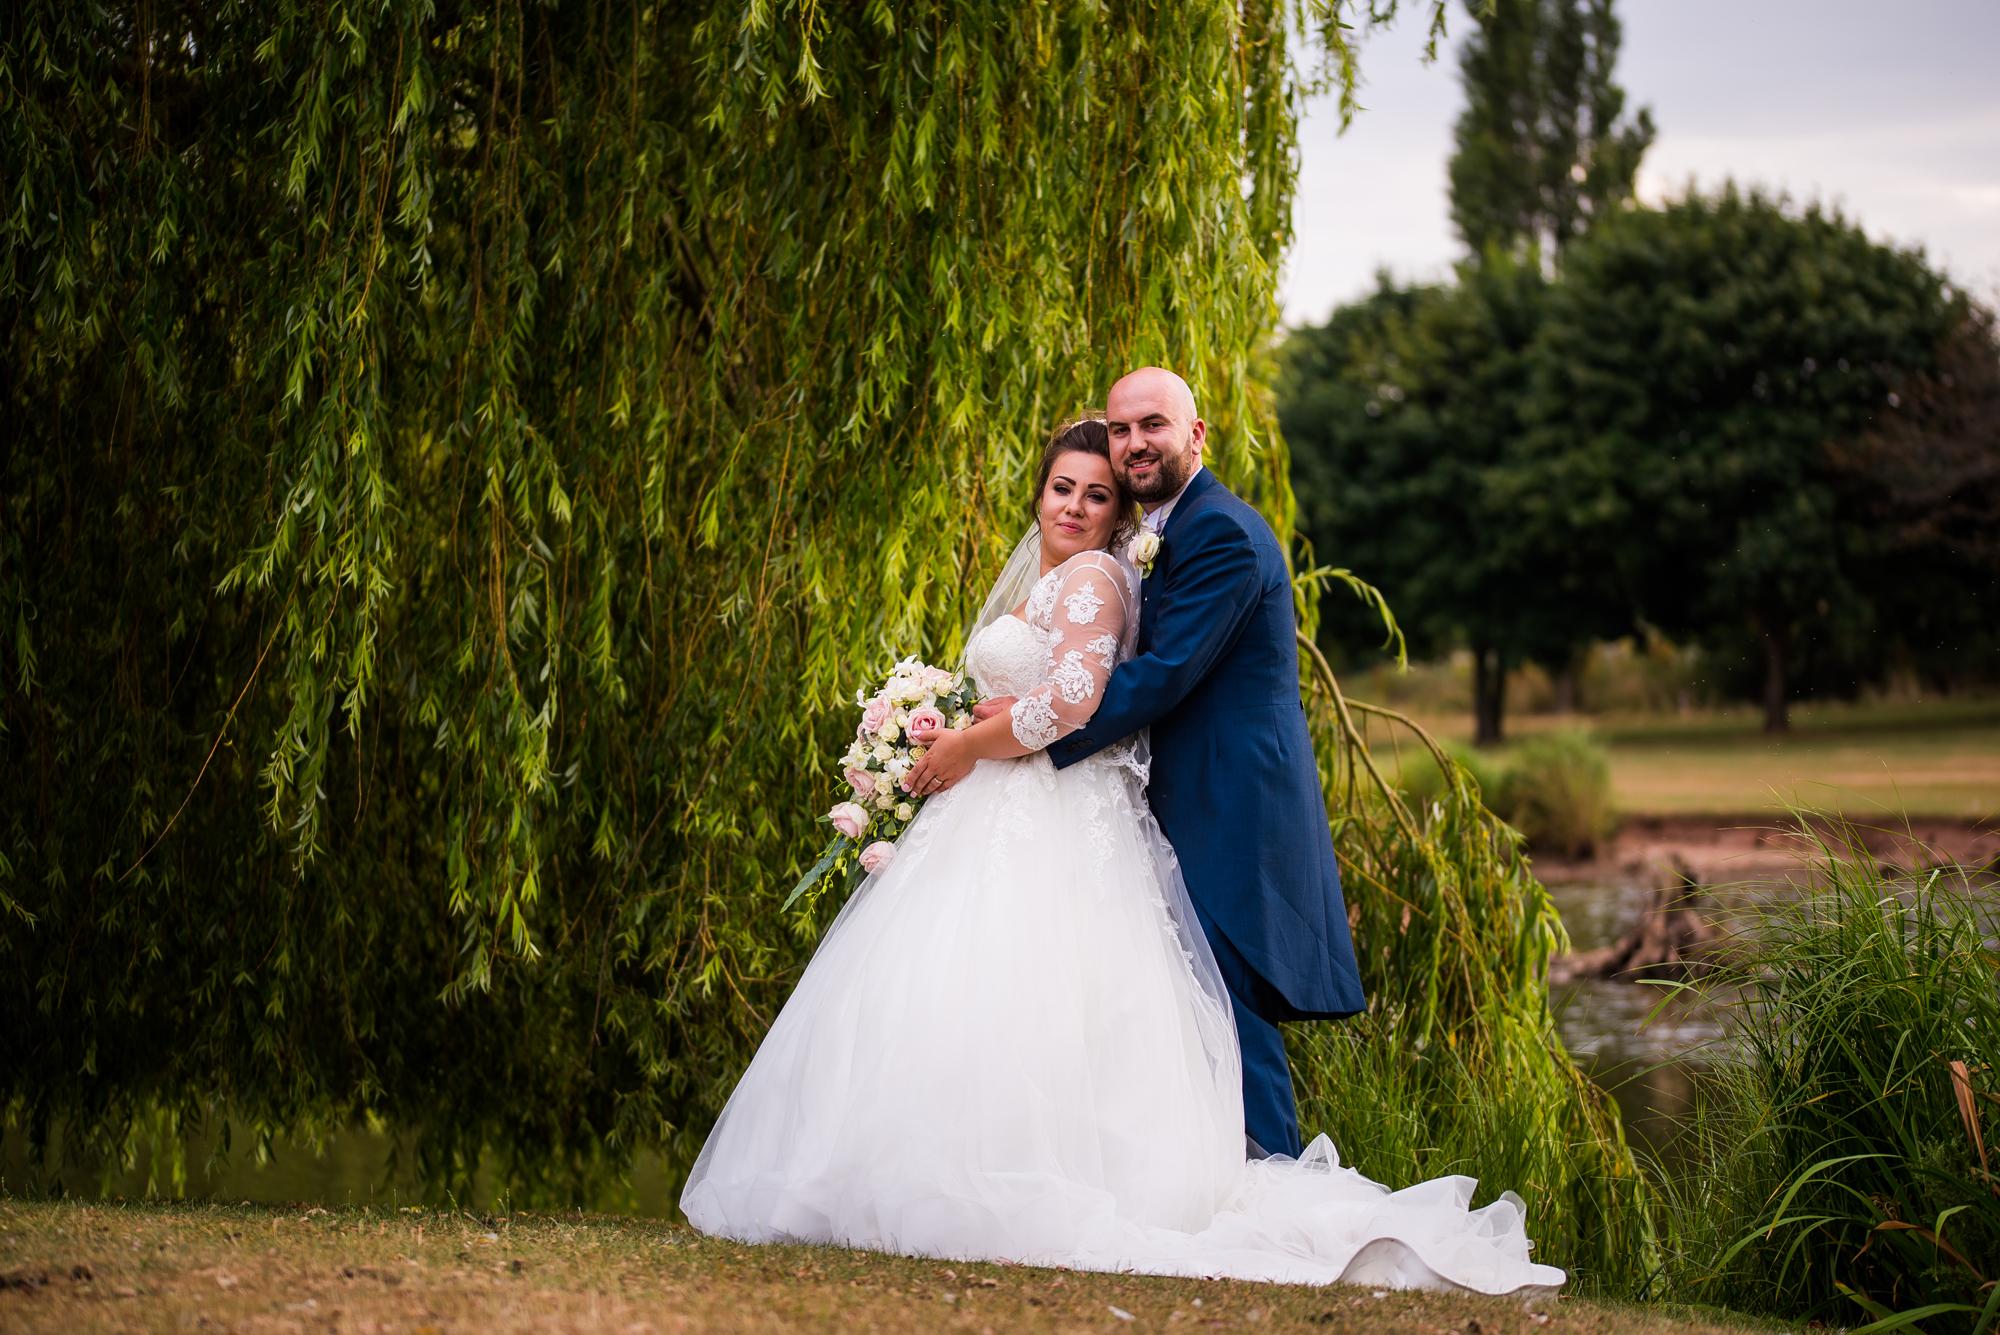 Roise and John wedding photos (329 of 383).jpg